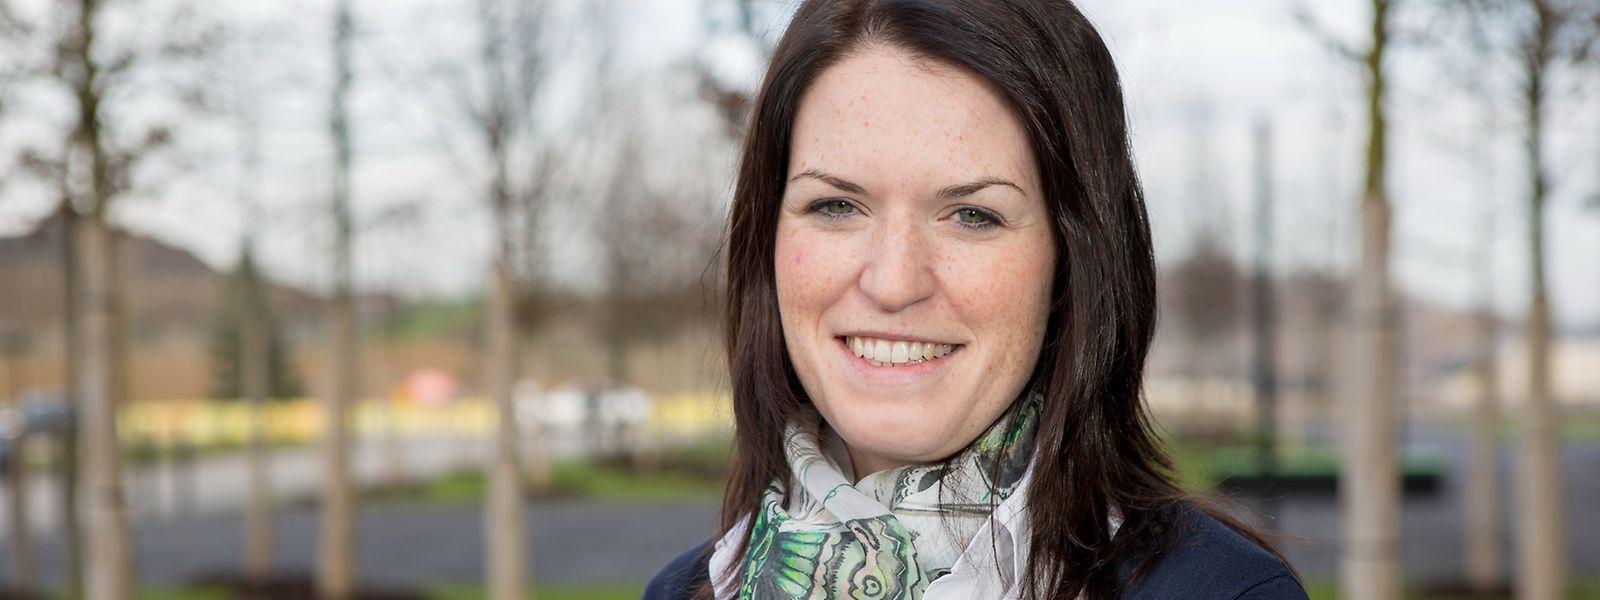 Anja Leist mag es, in einem internationalen Team an praxisorientierten Aufgaben zu arbeiten.